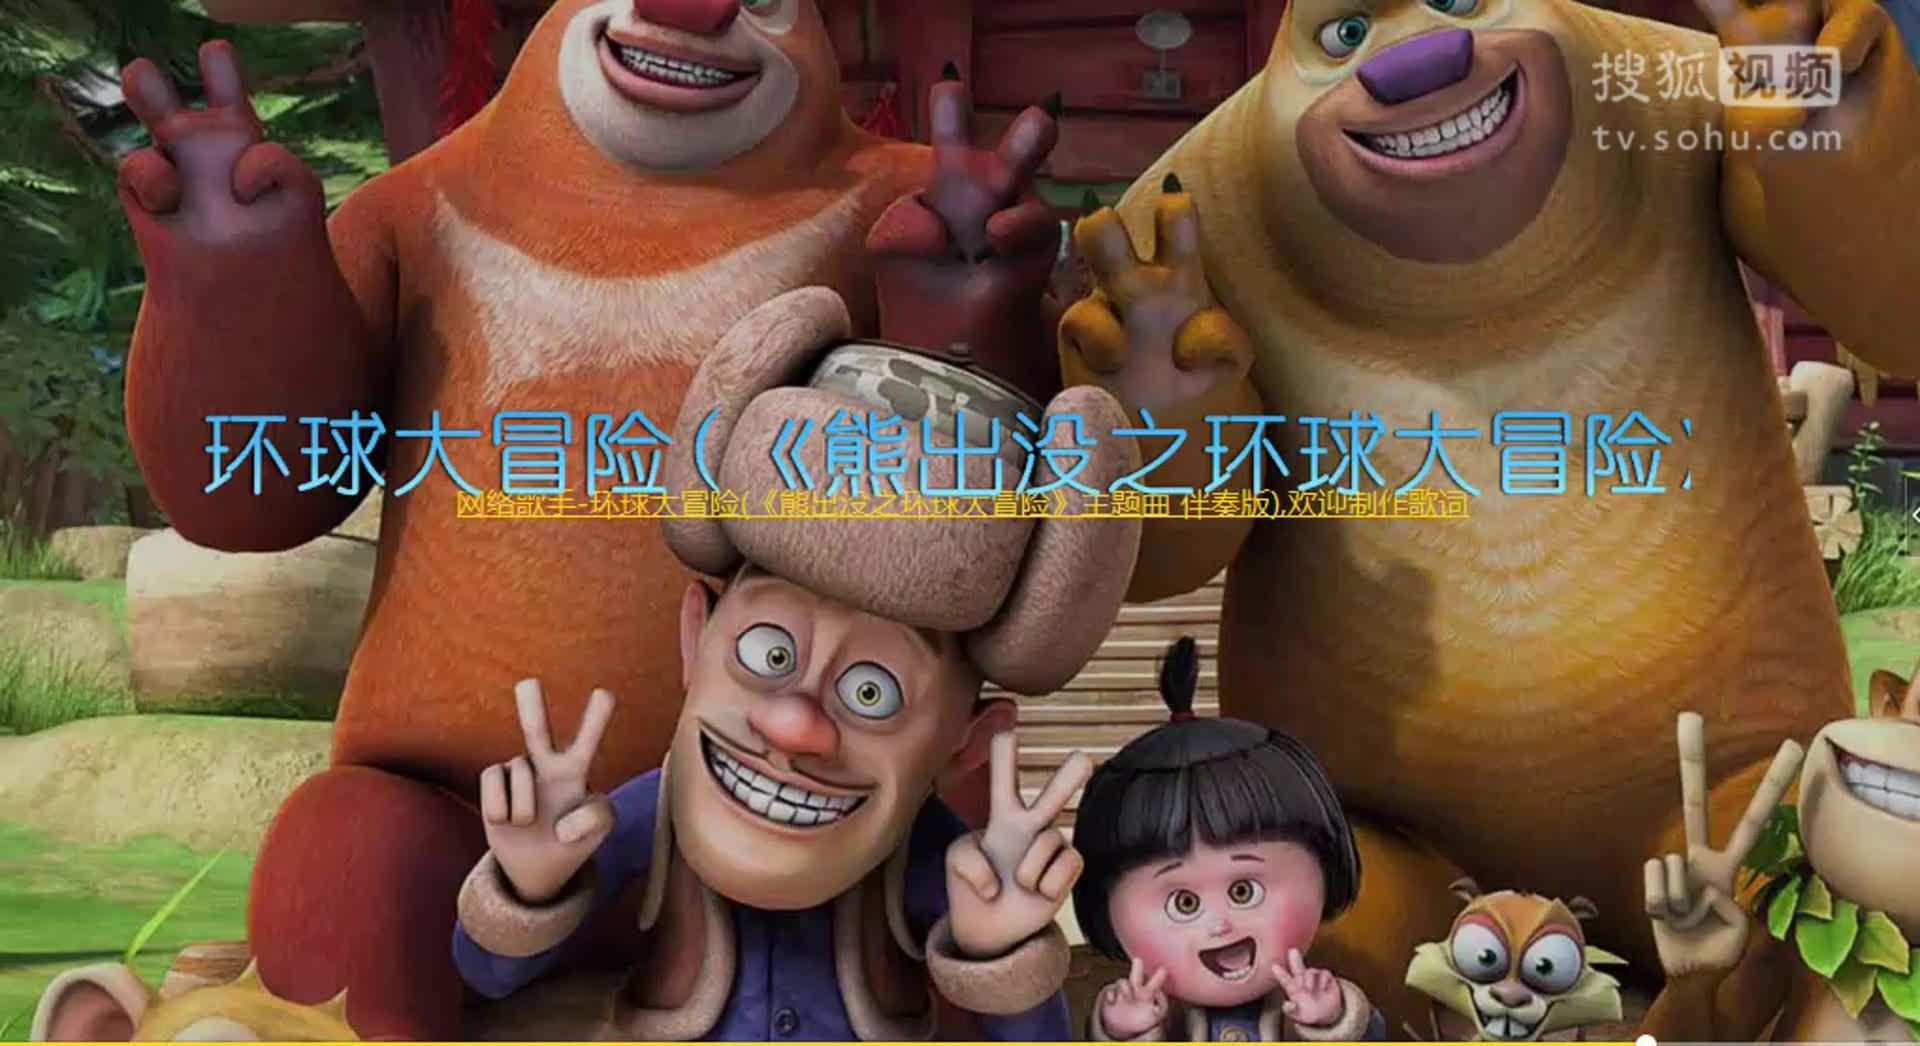 《熊出没之环球大冒险》《熊出没之过年》熊大熊二光头强动画片主题曲